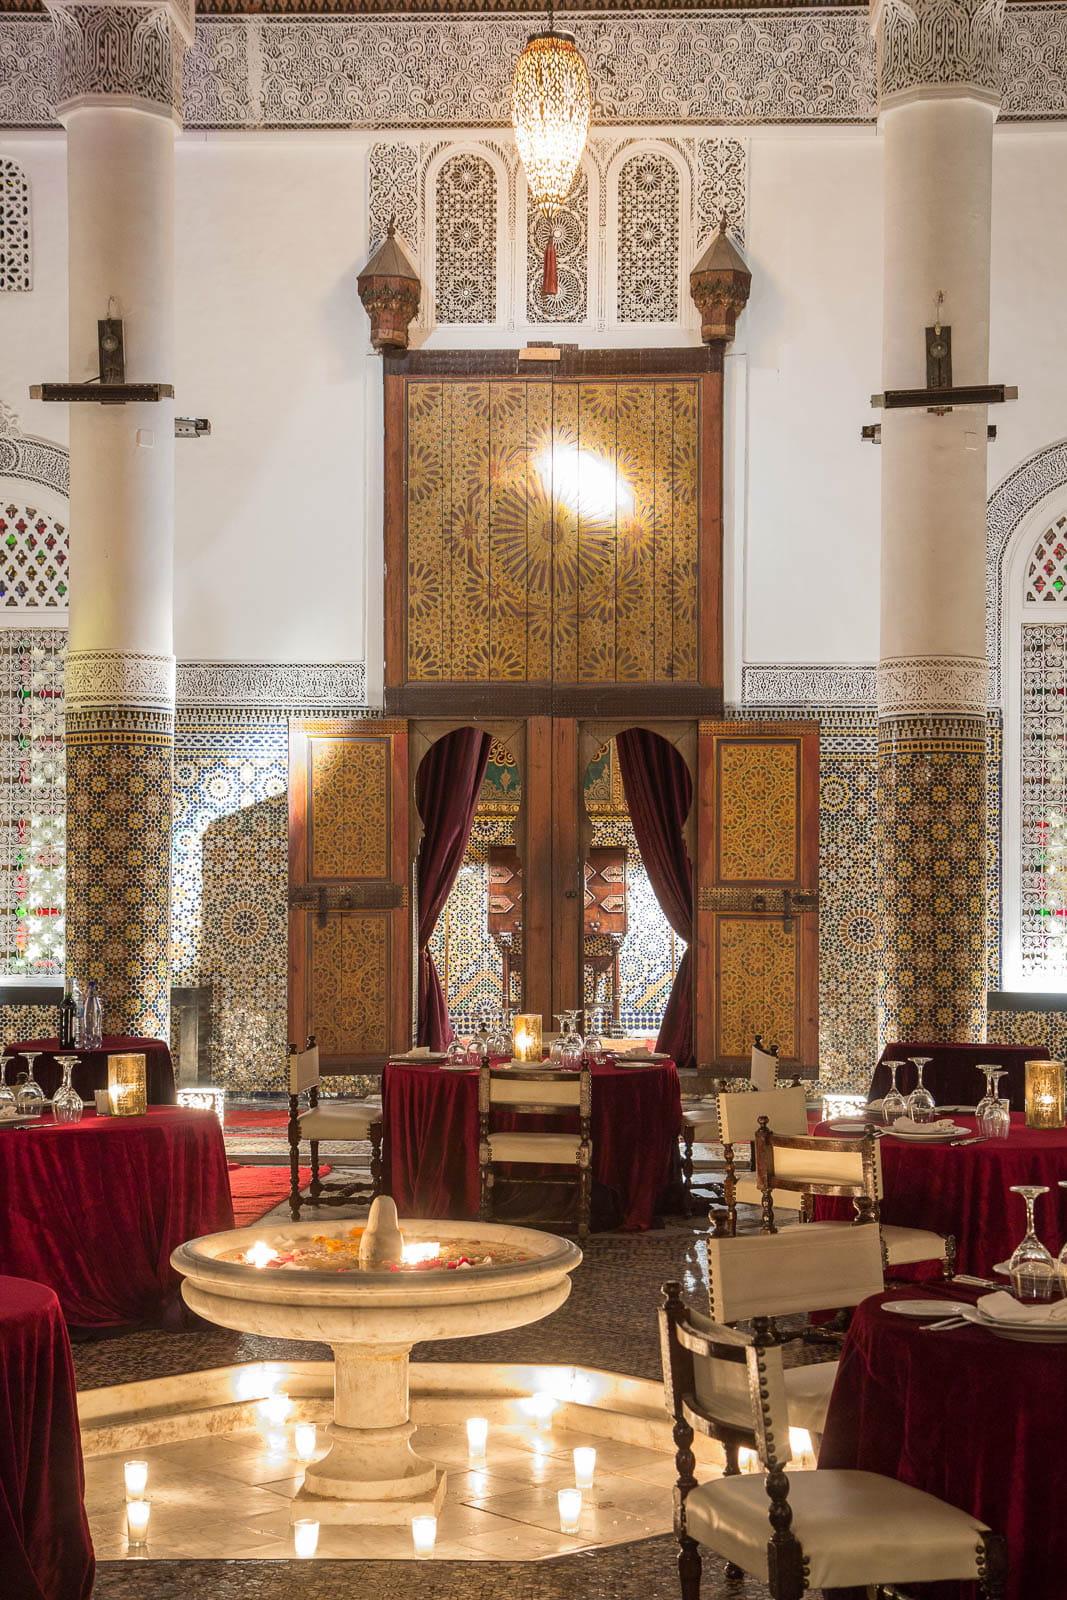 Un d cor digne des mille et une nuits le palais soleiman for Decoration mille et une nuit